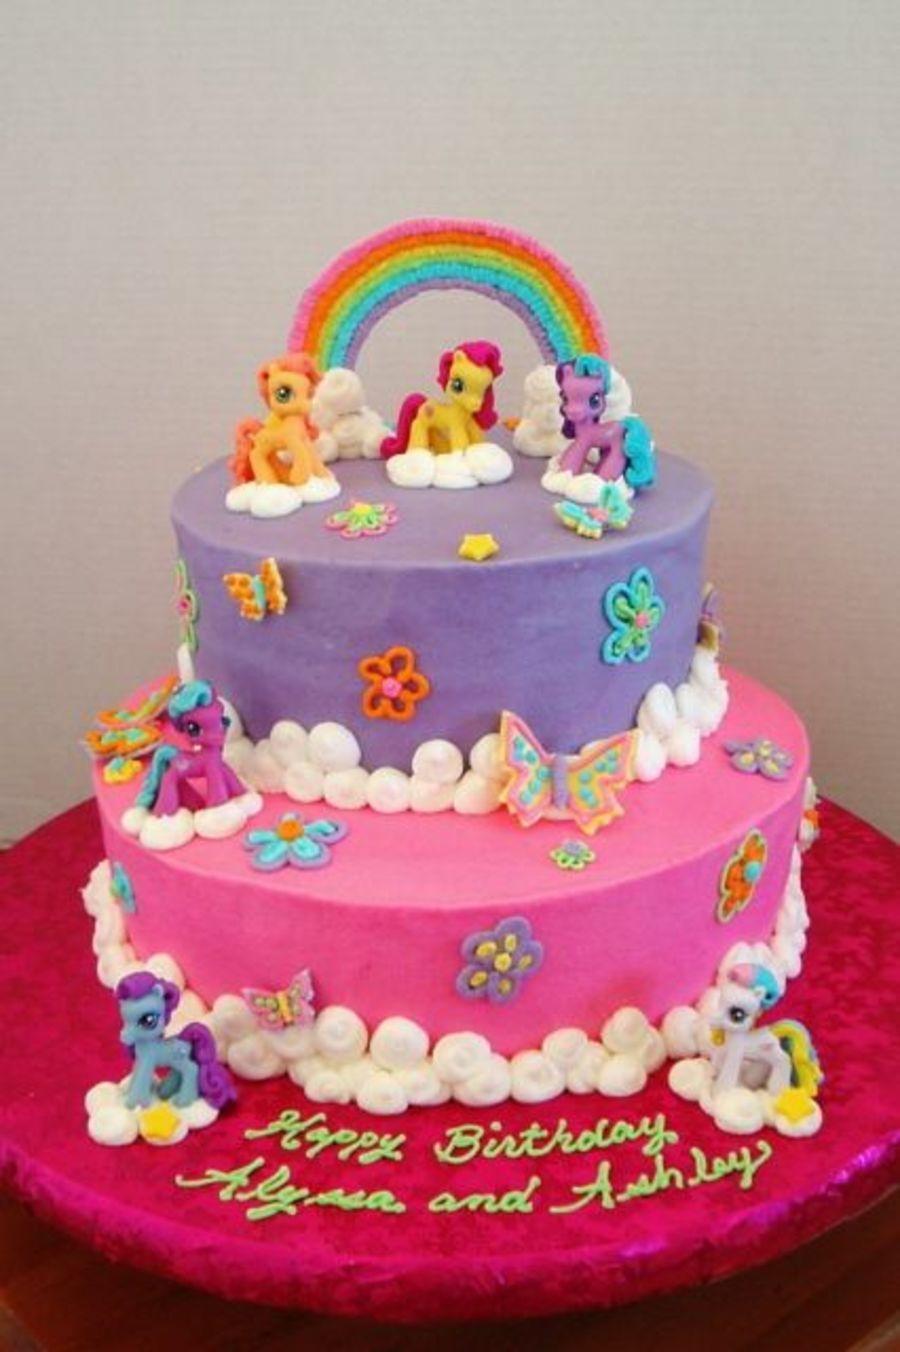 My Little Pony My little pony Pinterest Pony Cake and Birthdays